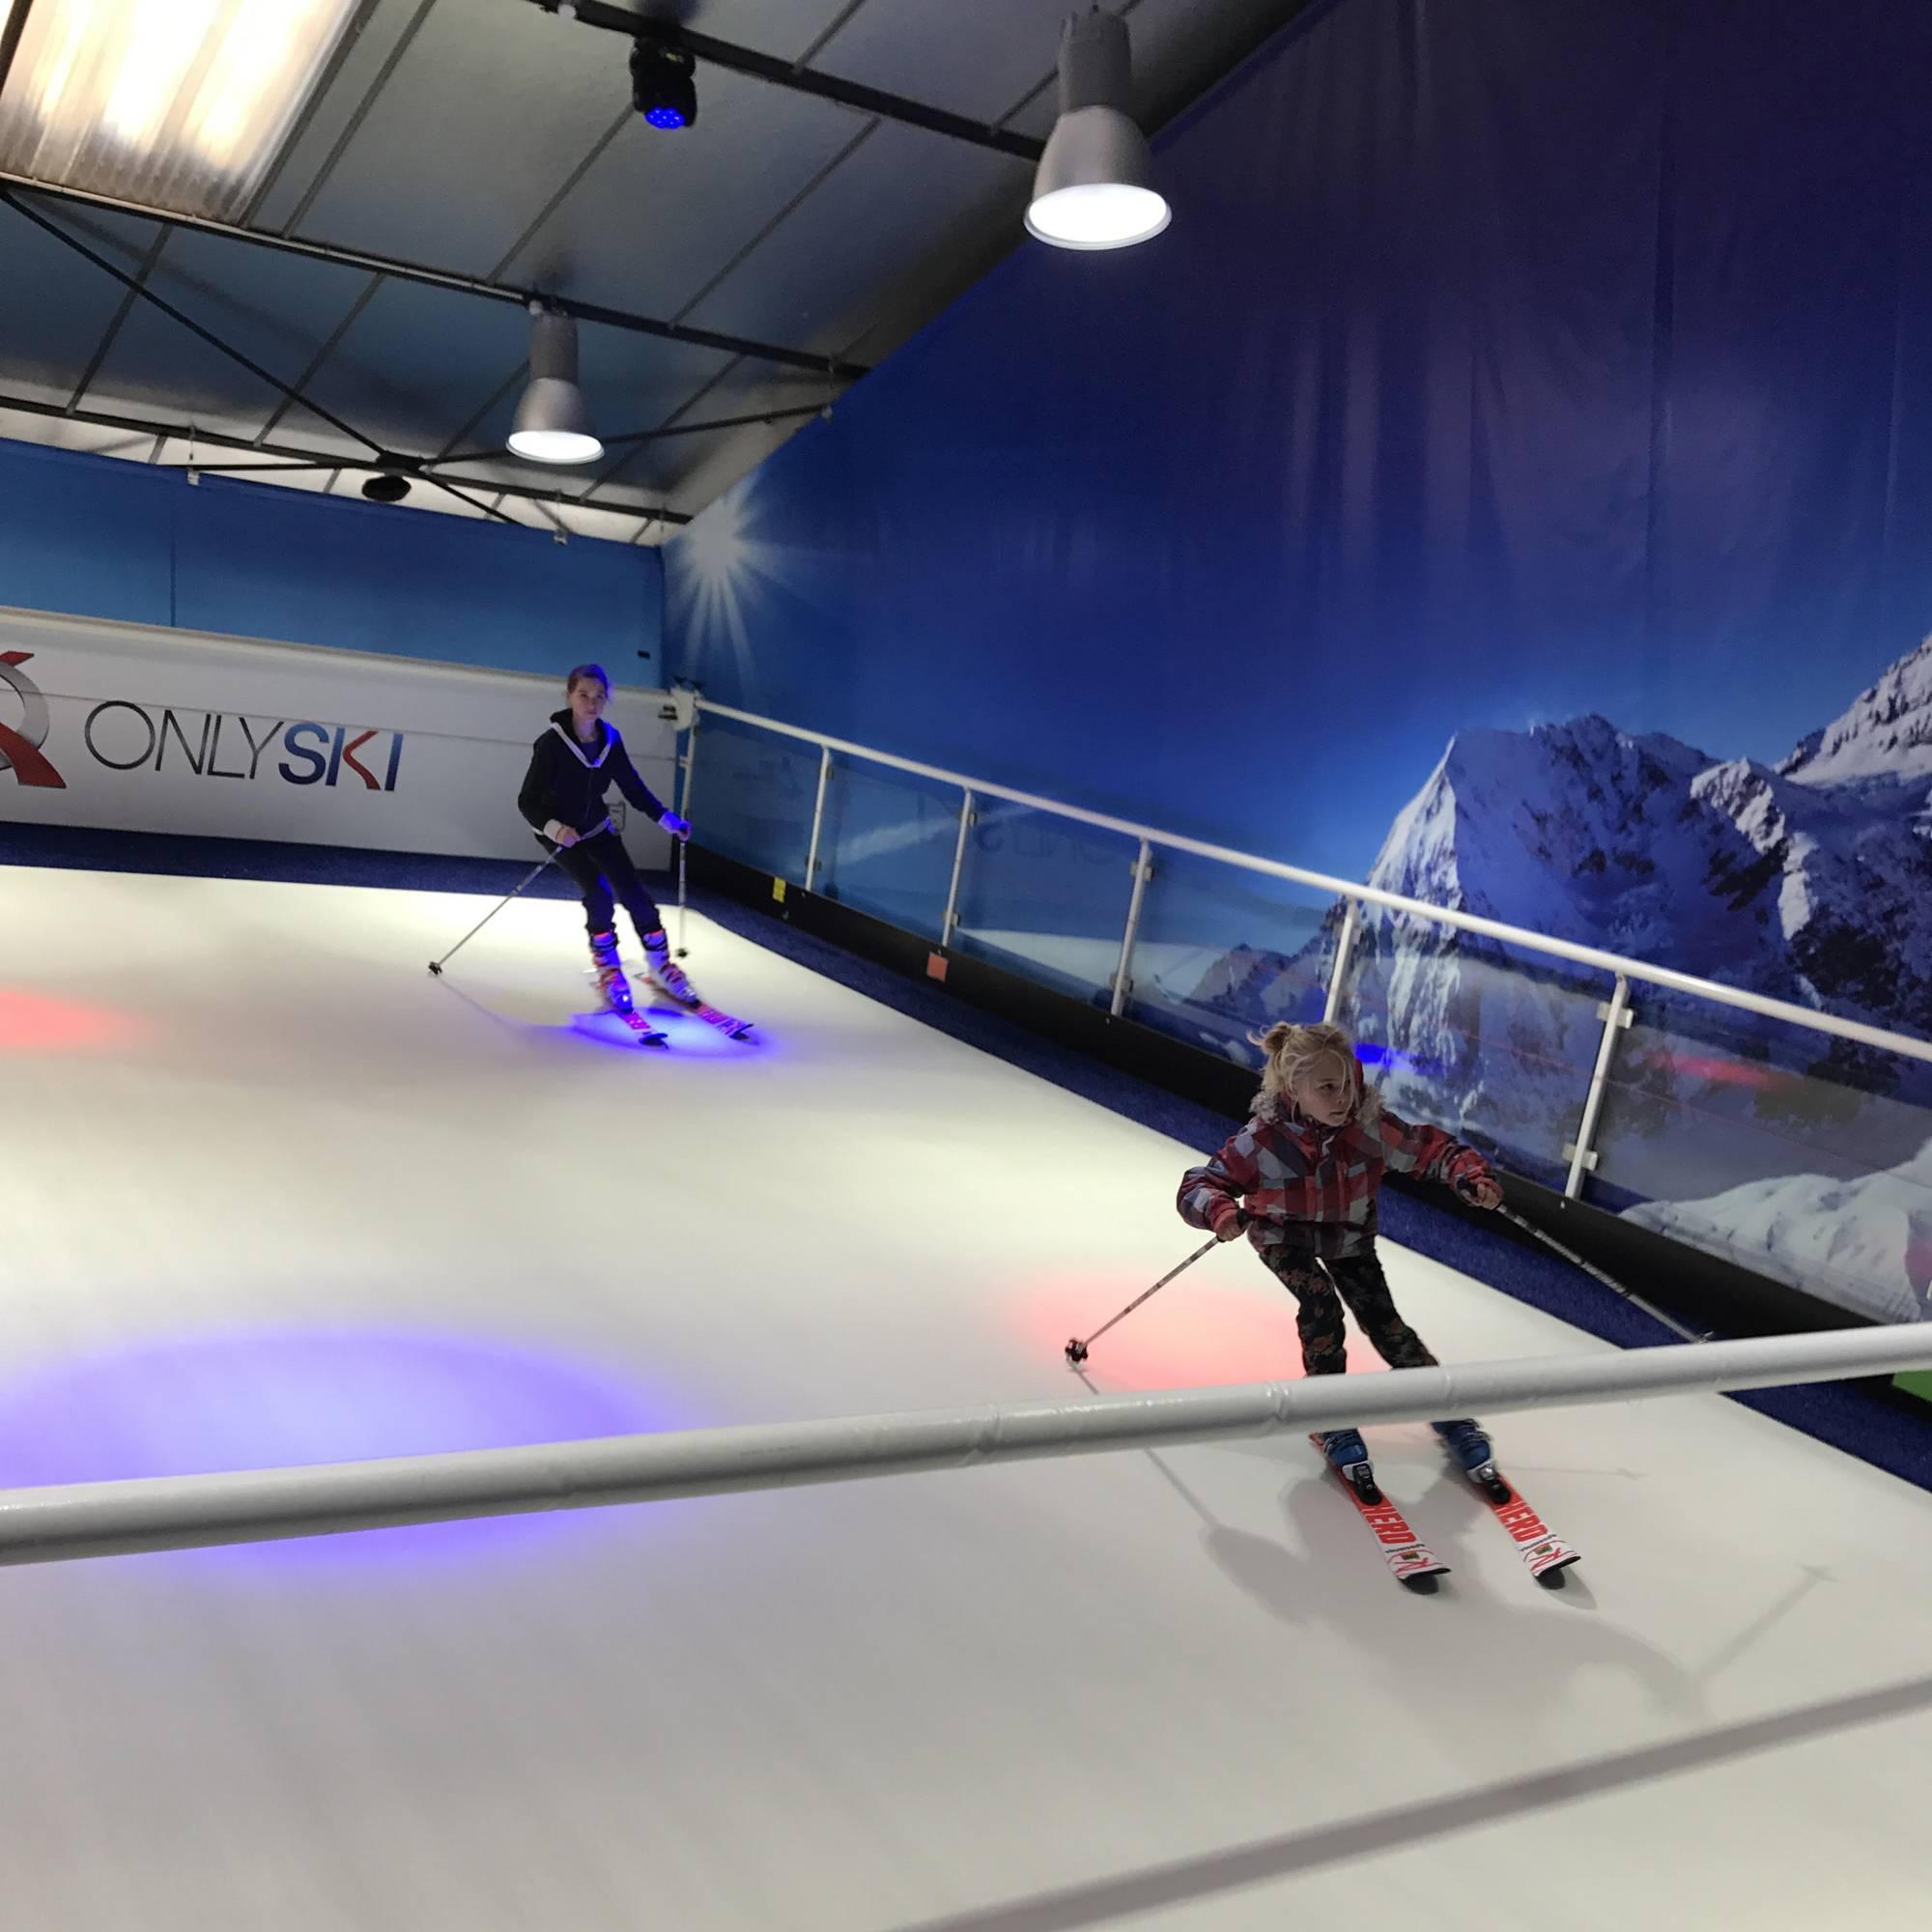 Témoignage de l'entraîneur du Ski Club des 2 Alpes